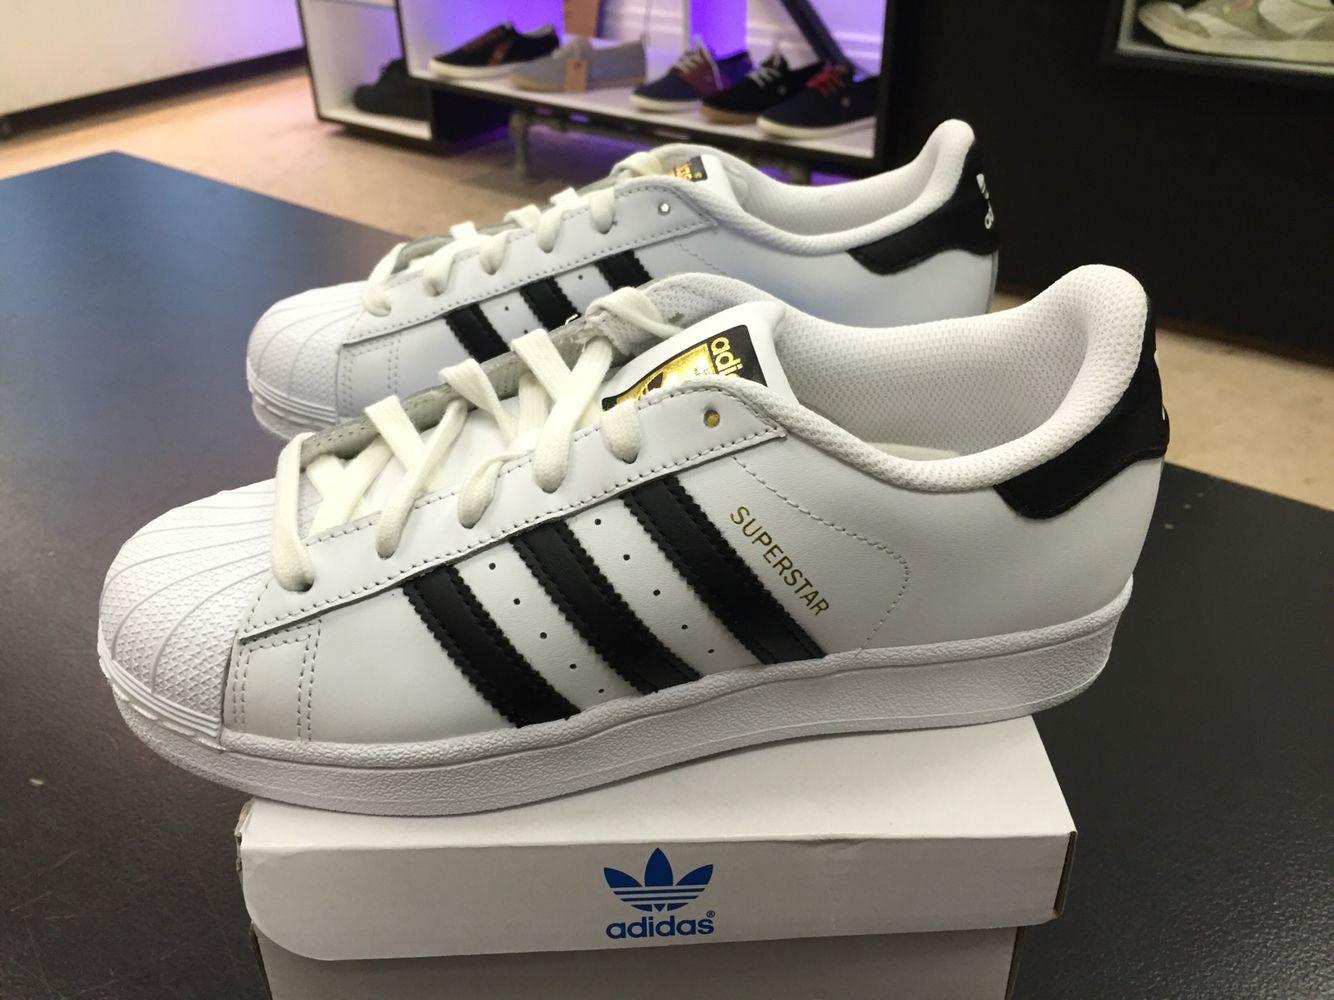 super popular 8bb34 b2a60 Adidas Superstar femme wmns Blanc  noir